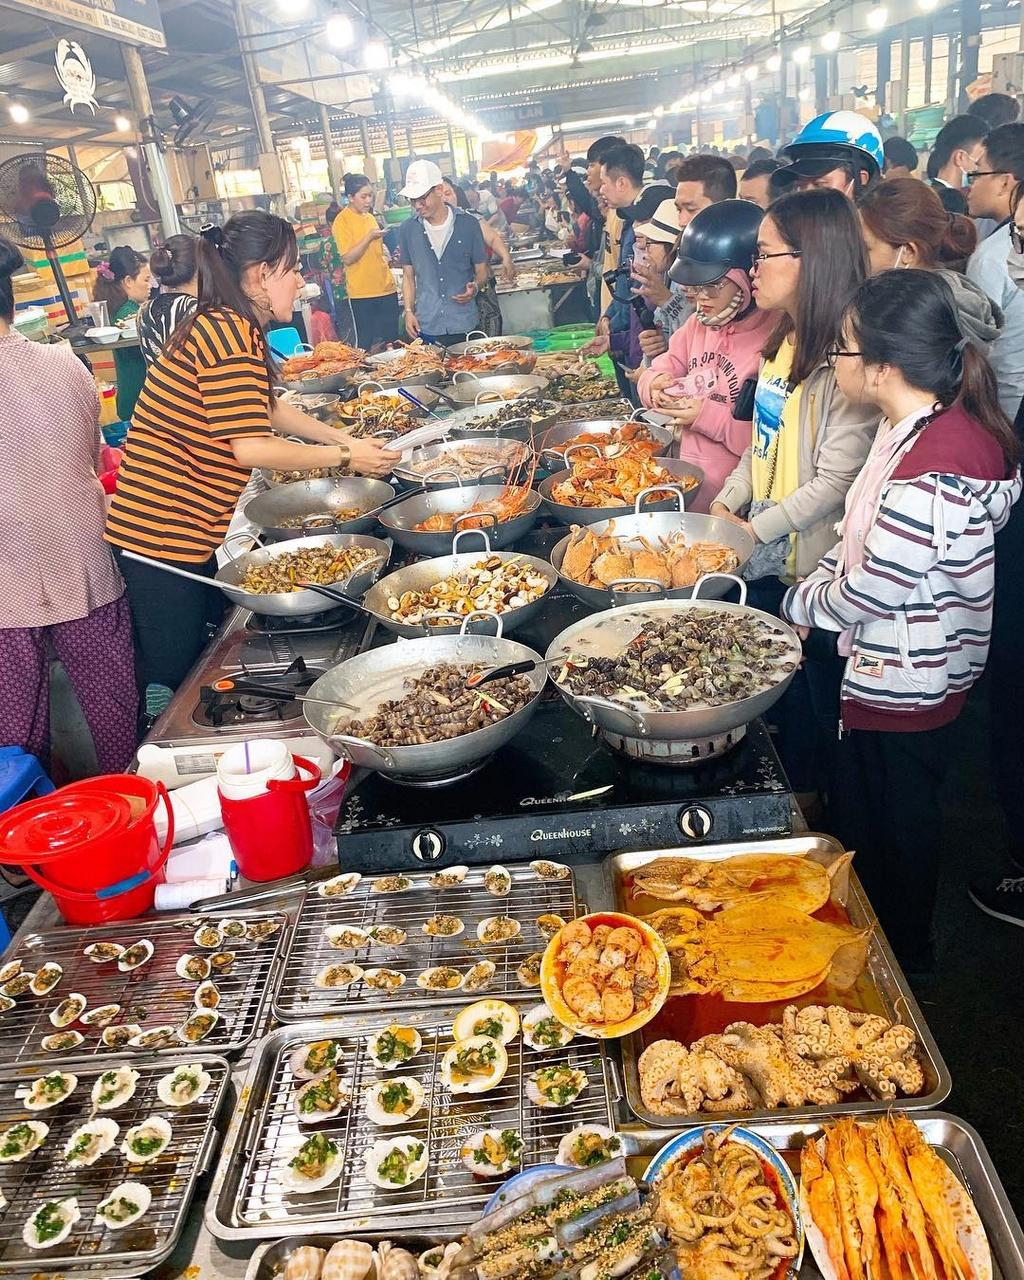 Khu chợ ngập hải sản 'giá mềm' ở TP.HCM